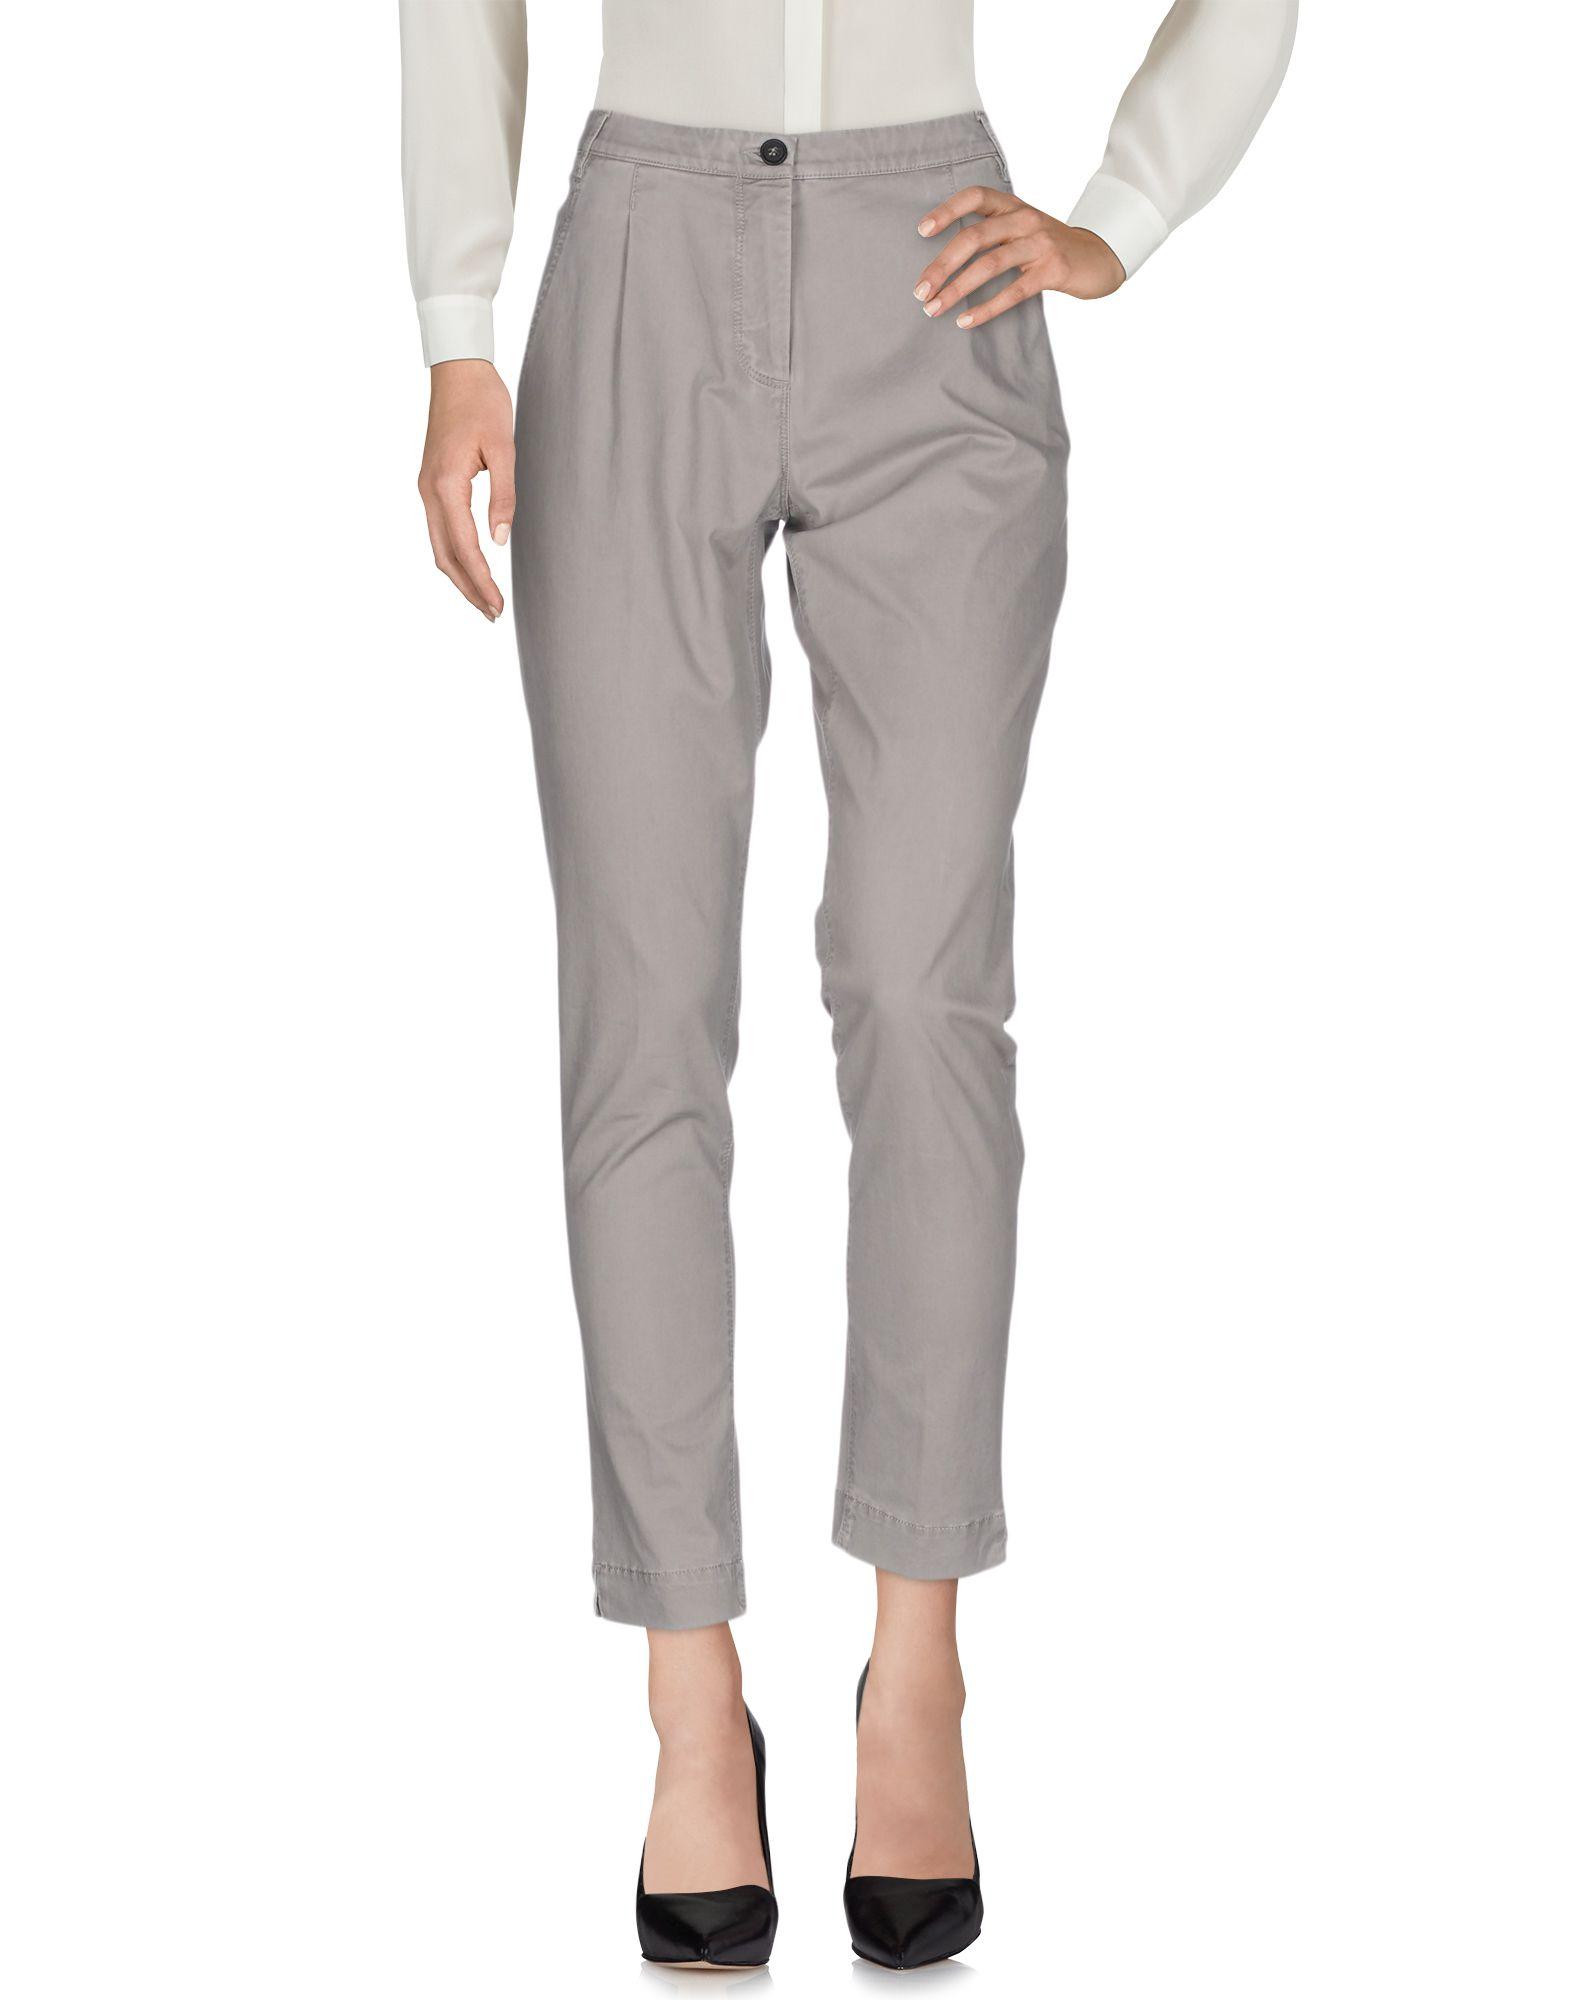 Pantalone Peserico Sign Donna - Acquista online su BoVM65